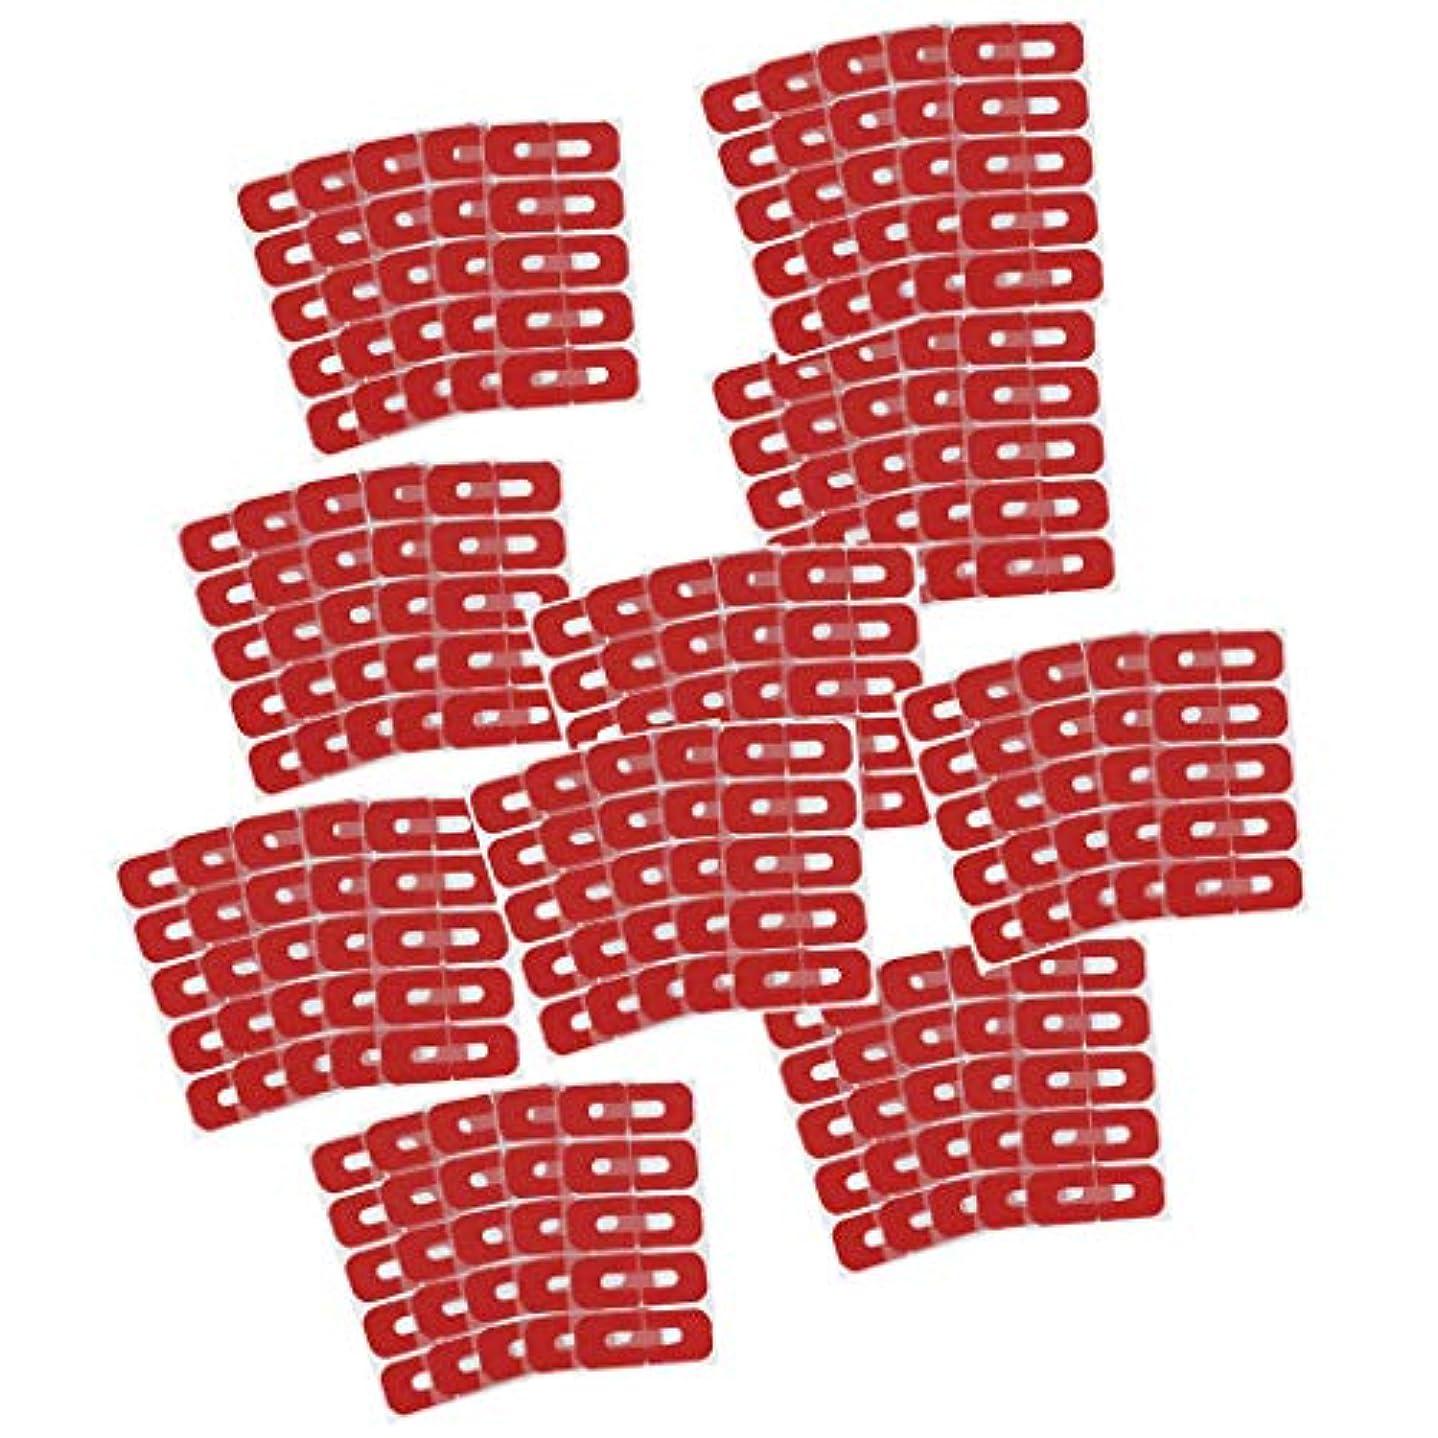 寝具持つ正確ネイルカバー はみ出し防止 ネイルケア 剥離テープ ネイルプロテクター ネイルサロン 全50点